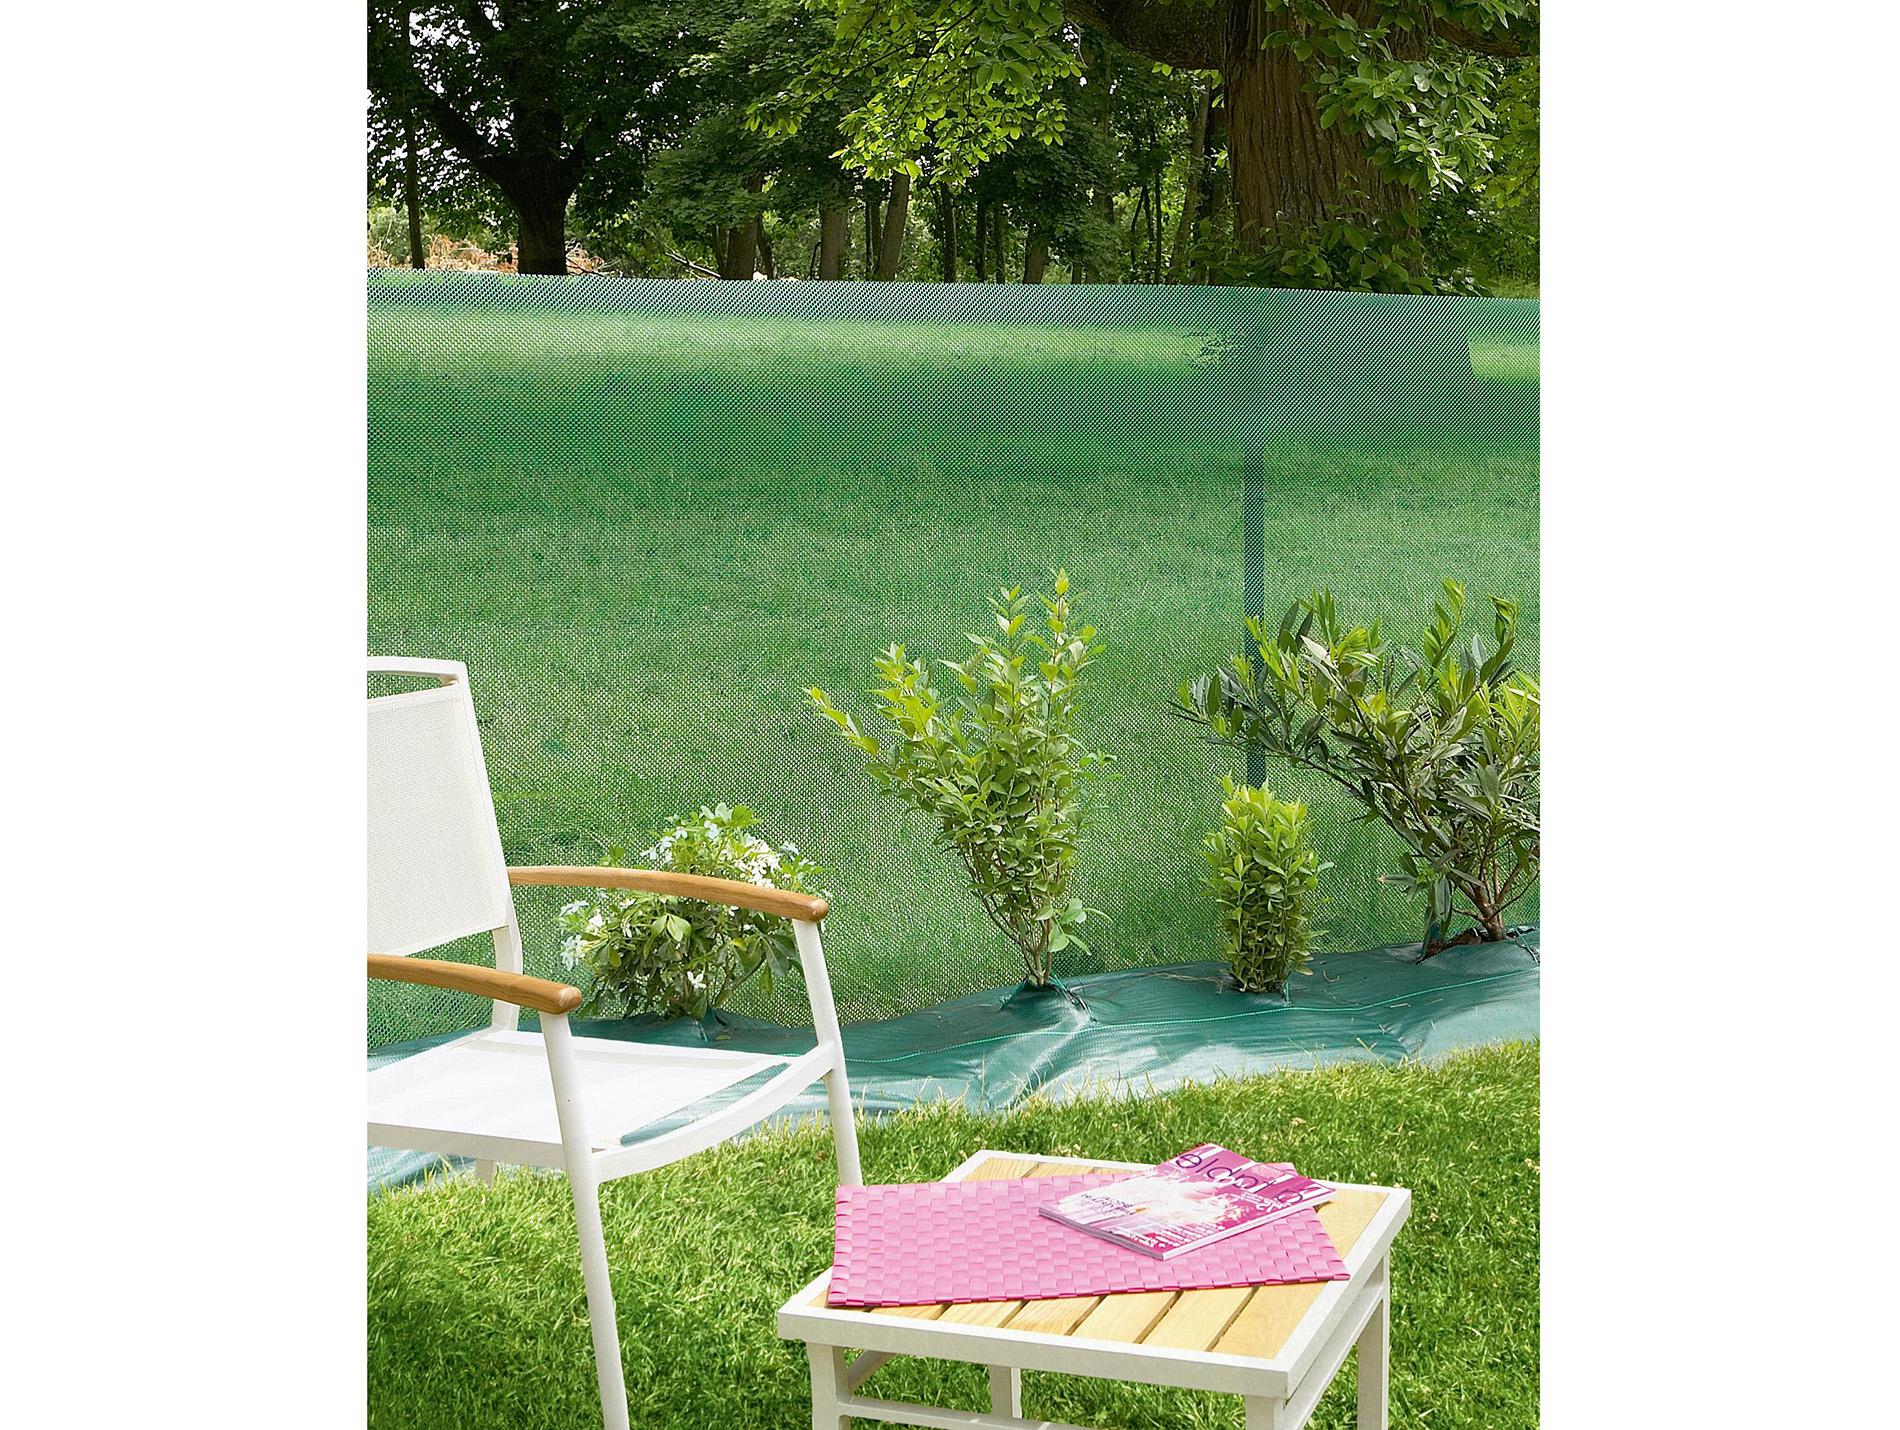 grillage maille plastique vert h1 20m l25m. Black Bedroom Furniture Sets. Home Design Ideas